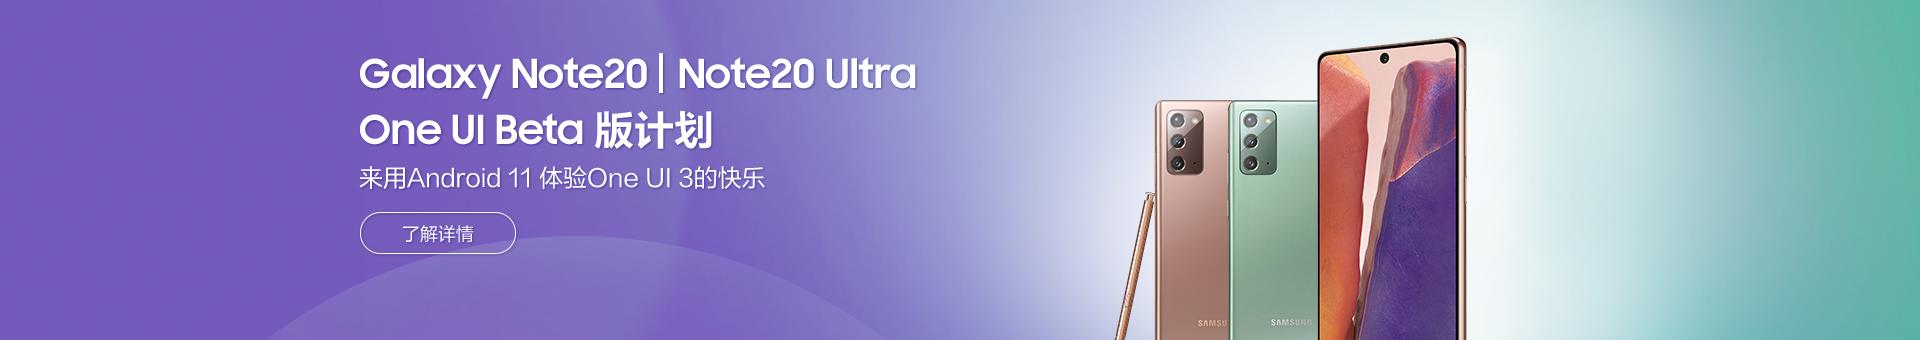 注册One UI Beta 版计划(Galaxy Note20系列)体验新的OS